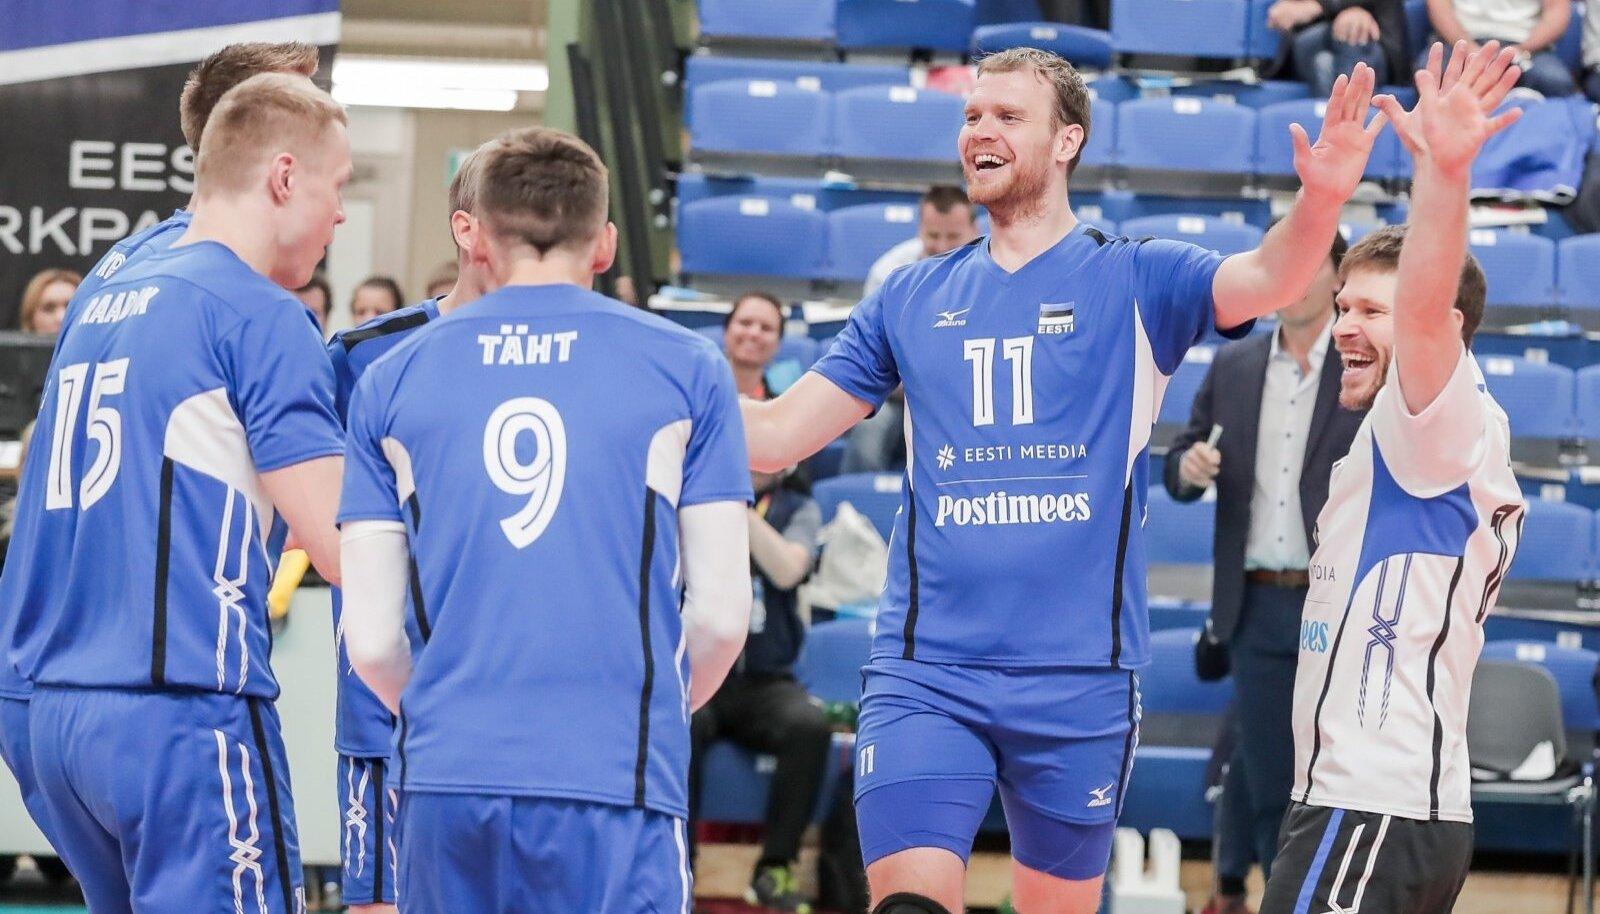 Eesti võrkpallikoondis alustas Kalevi spordihallis toimuvat MM-valiksarja 3:1 (25:15, 25:21, 22:25, 25:16) võiduga Rumeenia üle.